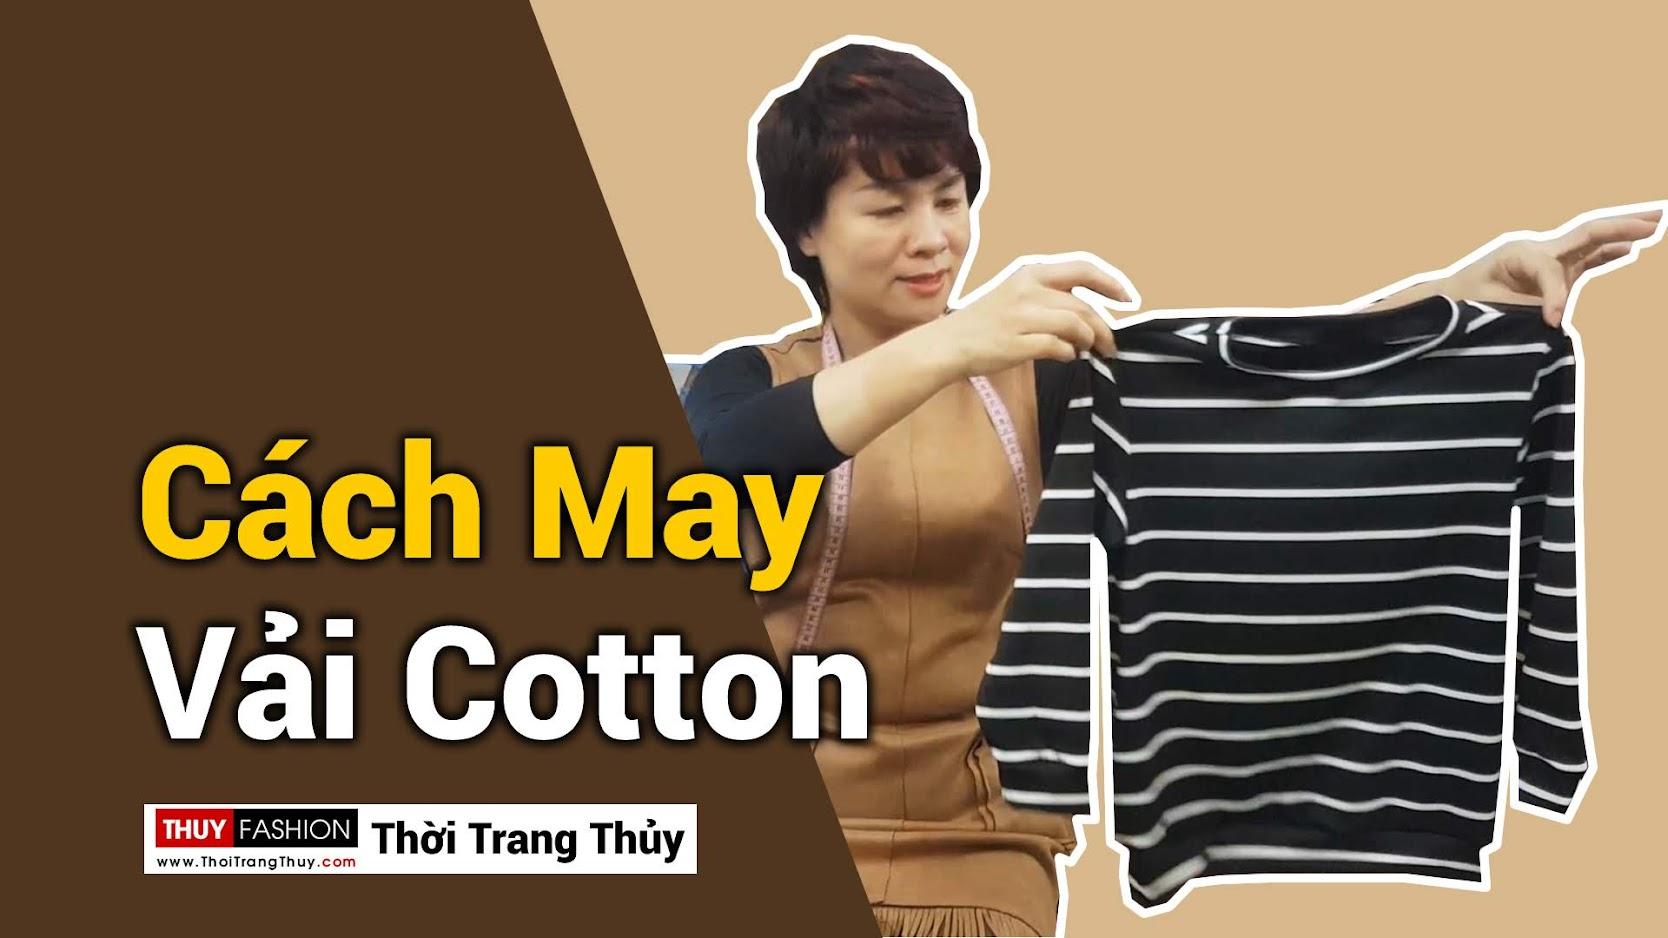 Video Hướng dẫn cách may áo thun nữ vải cotton thời trang thủy ở hải phòng